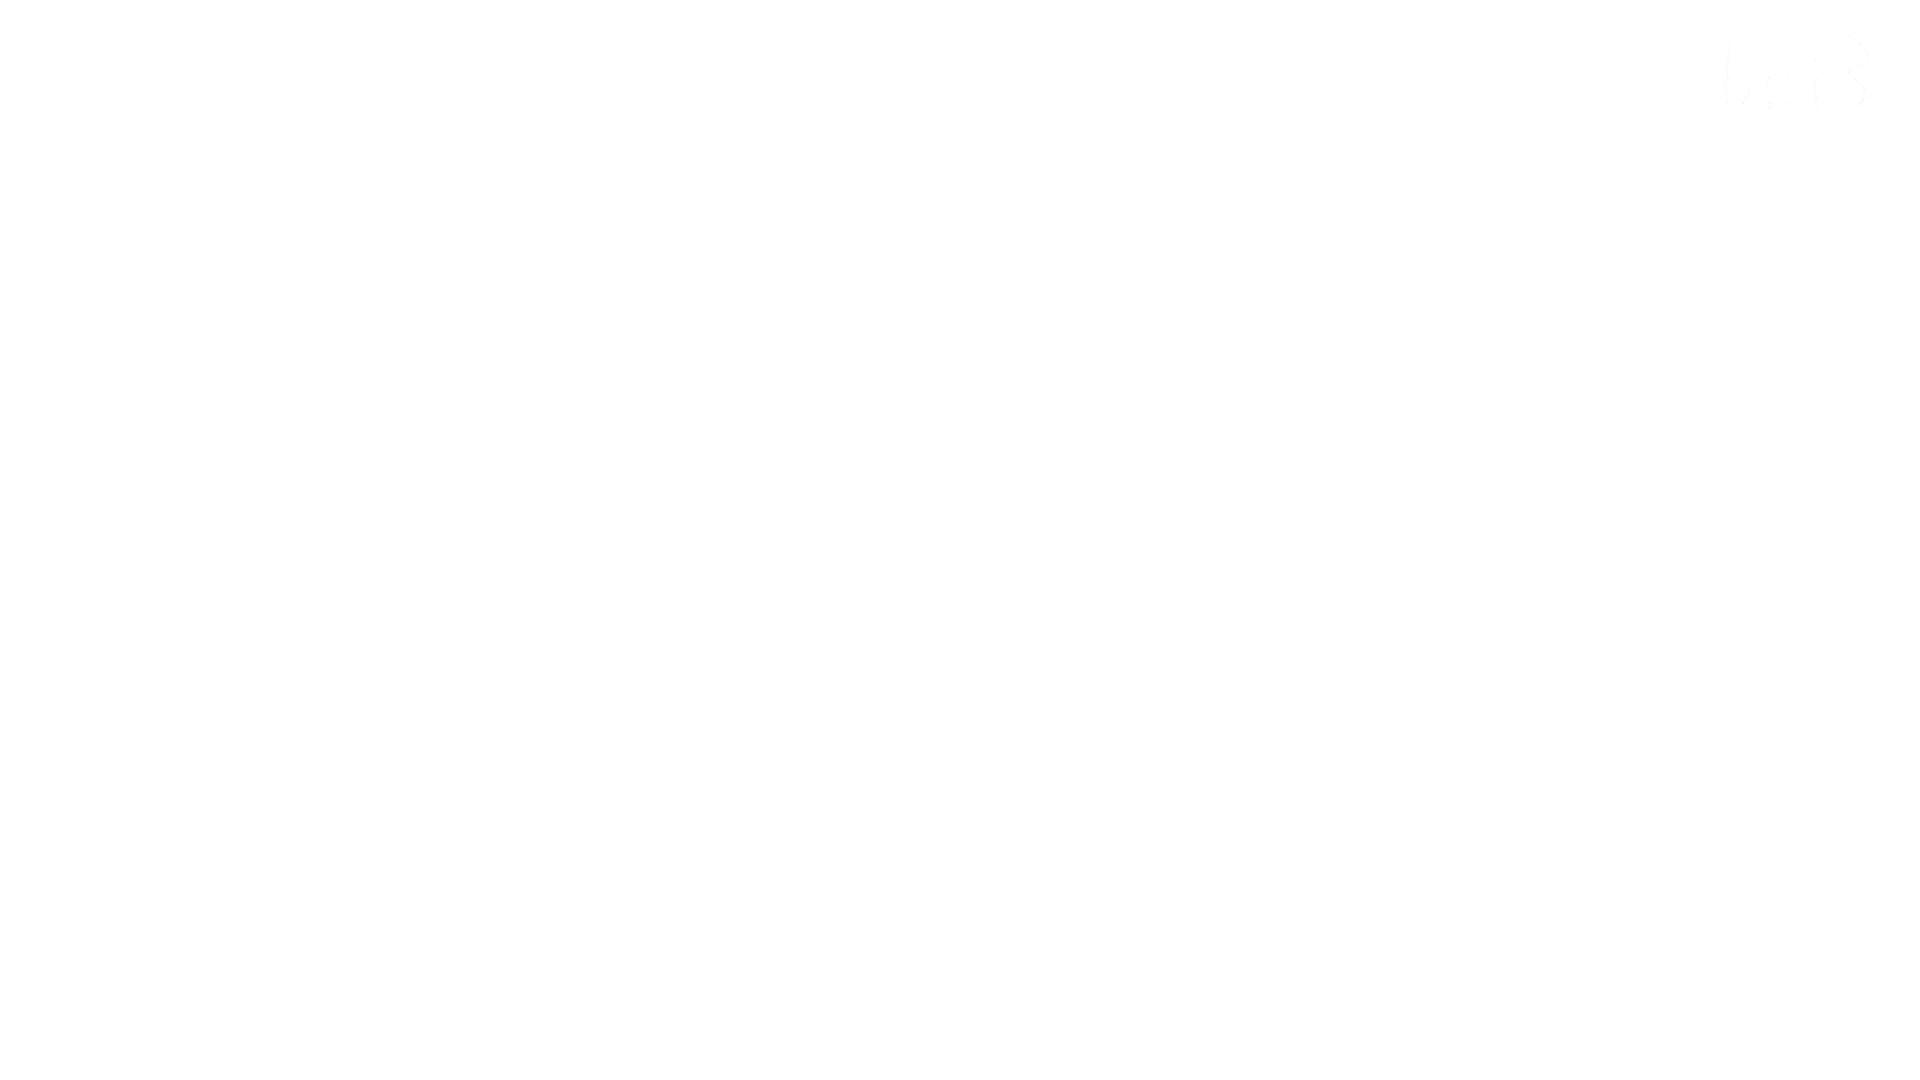 ナースのお小水 vol.003 ナースのエロ生活 | ギャルの下半身  101連発 76